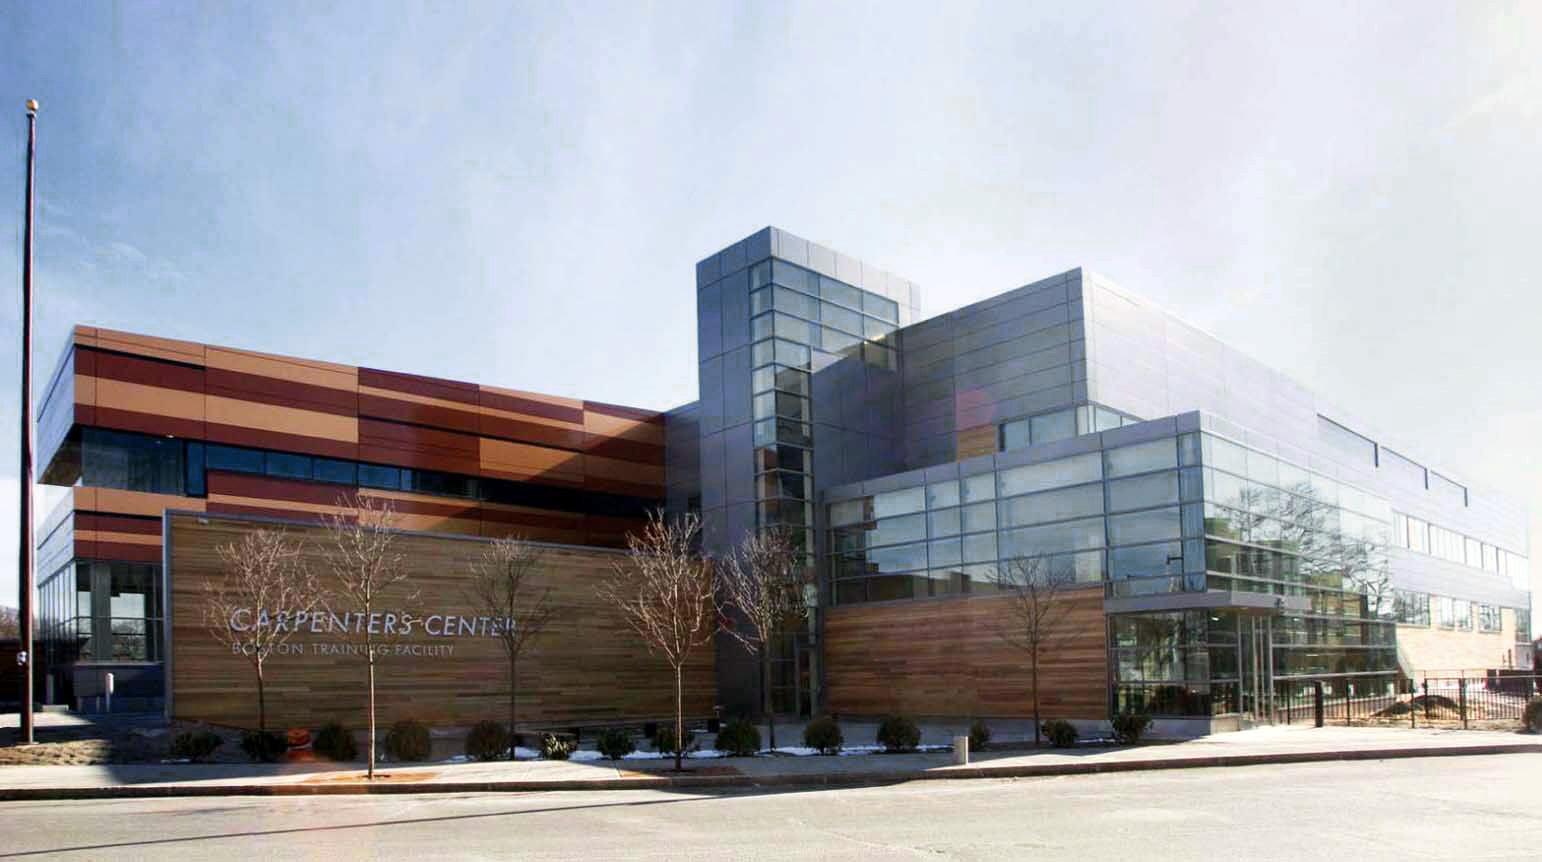 Carpenters Center